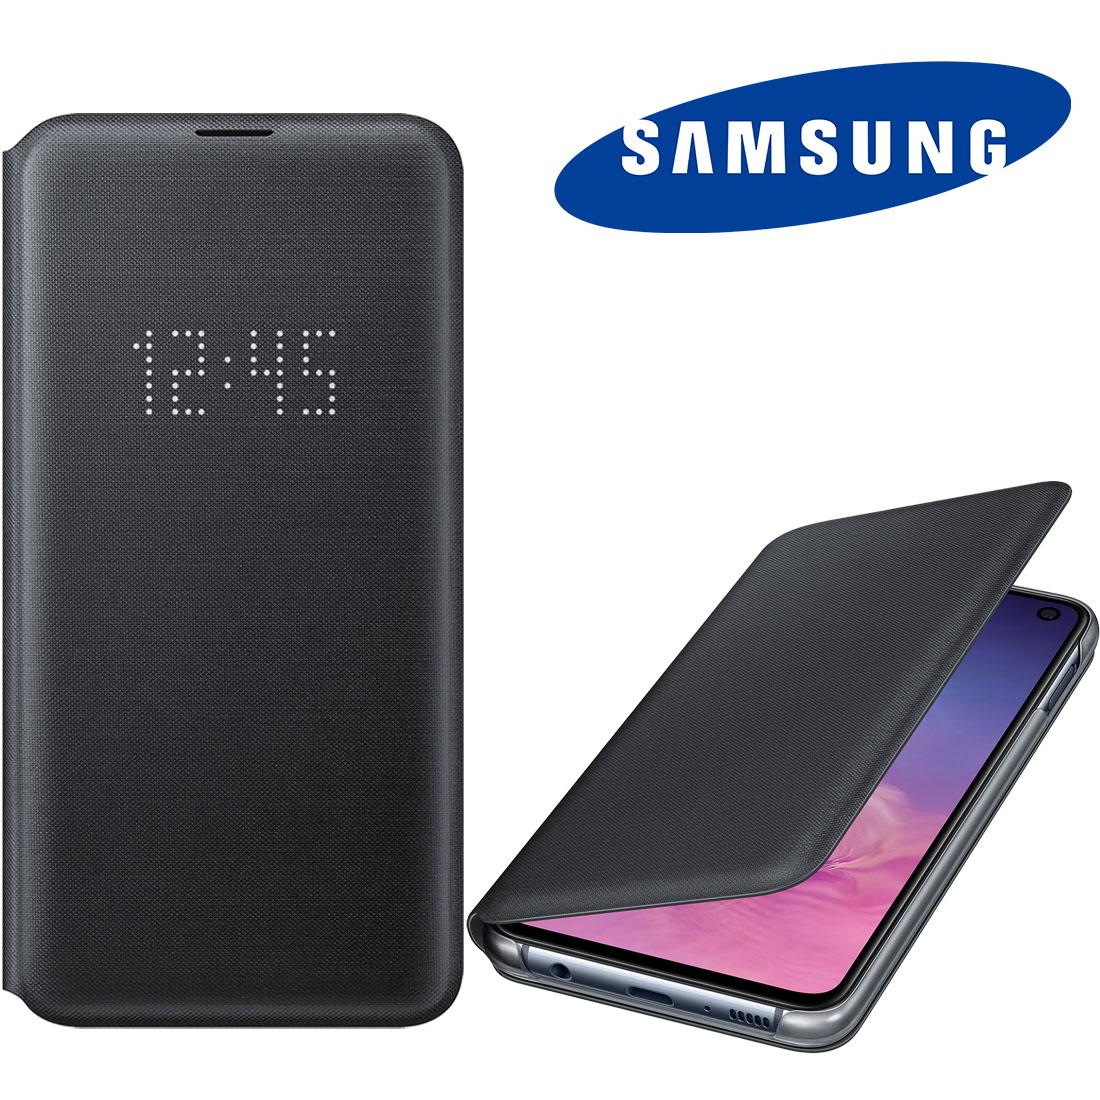 Capa Original Samsung Led View Cover Galaxy S10e 5.8 pol SM-G970  - HARS